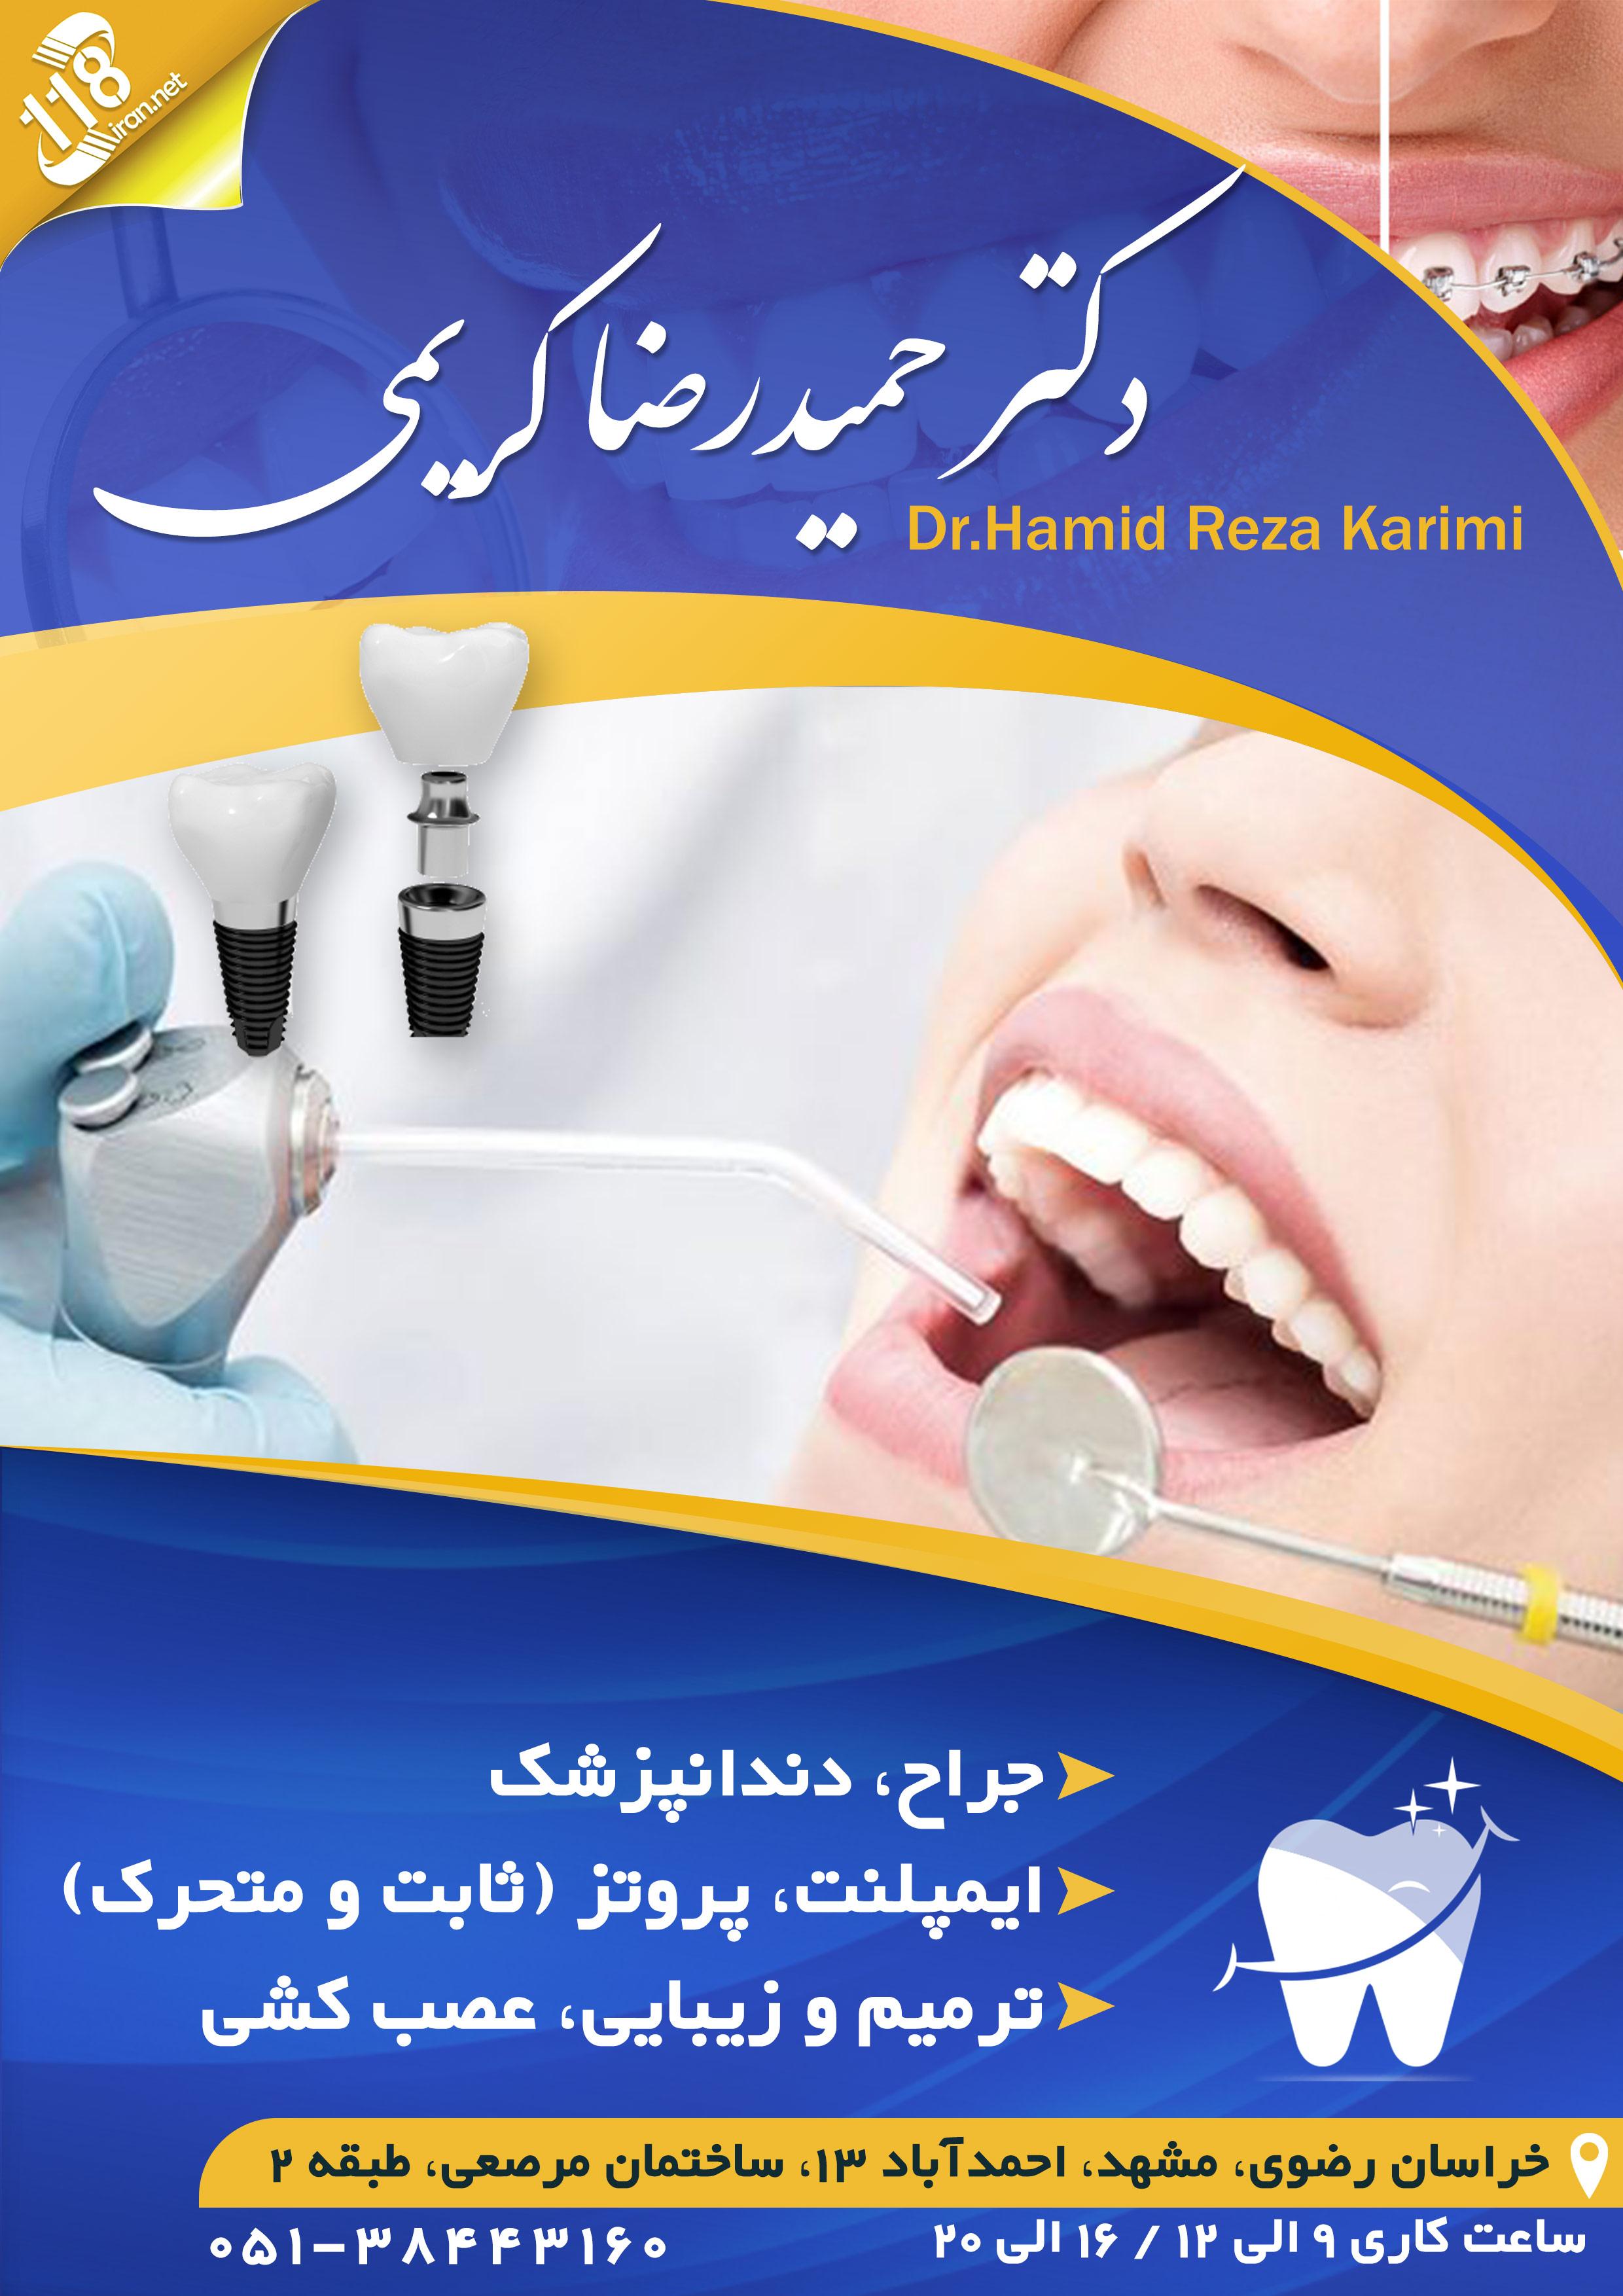 دکتر حمیدرضا کریمی در مشهد